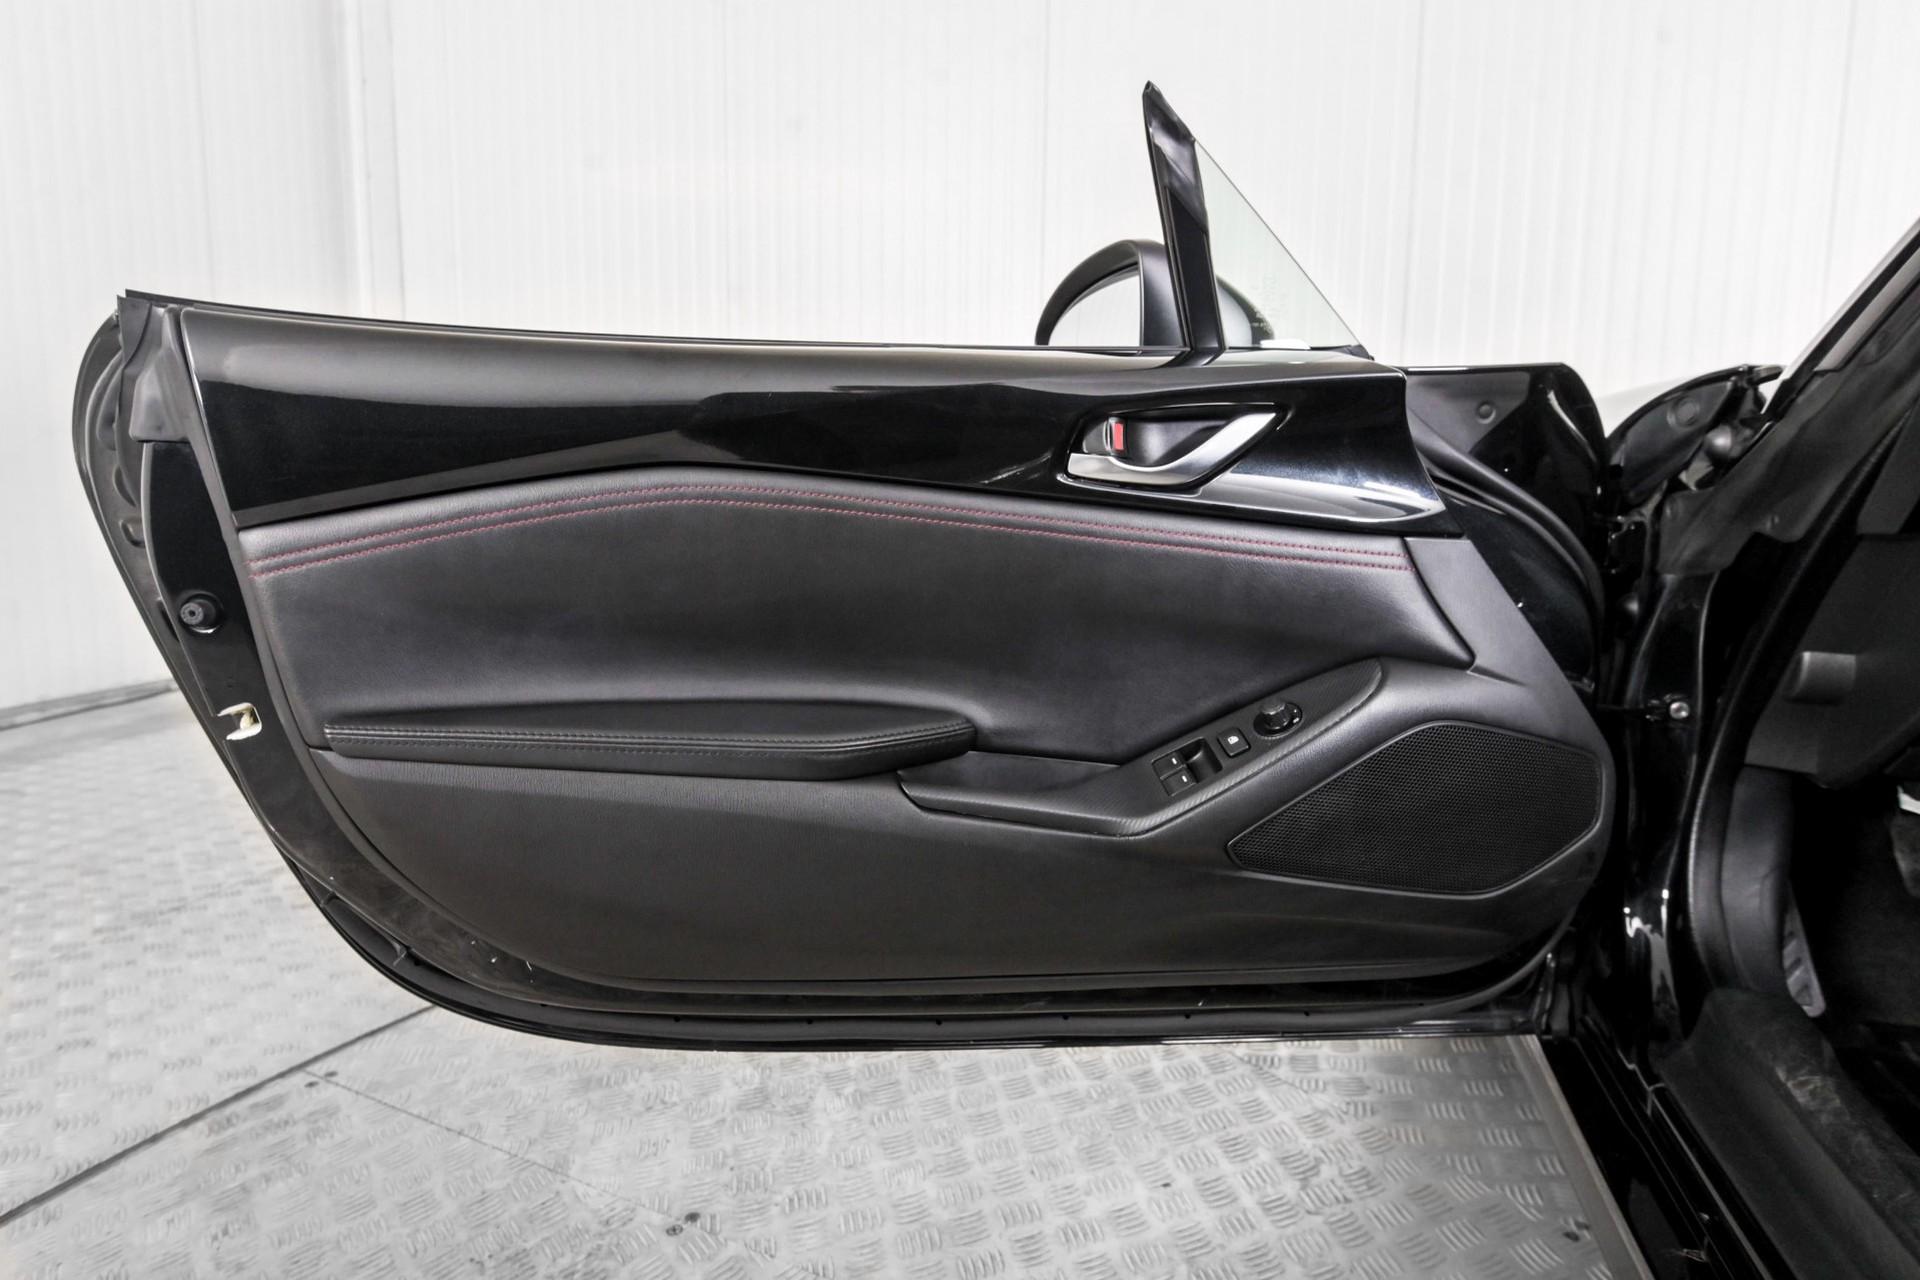 Mazda MX-5 1.5 SkyActiv-G 131 S Foto 15